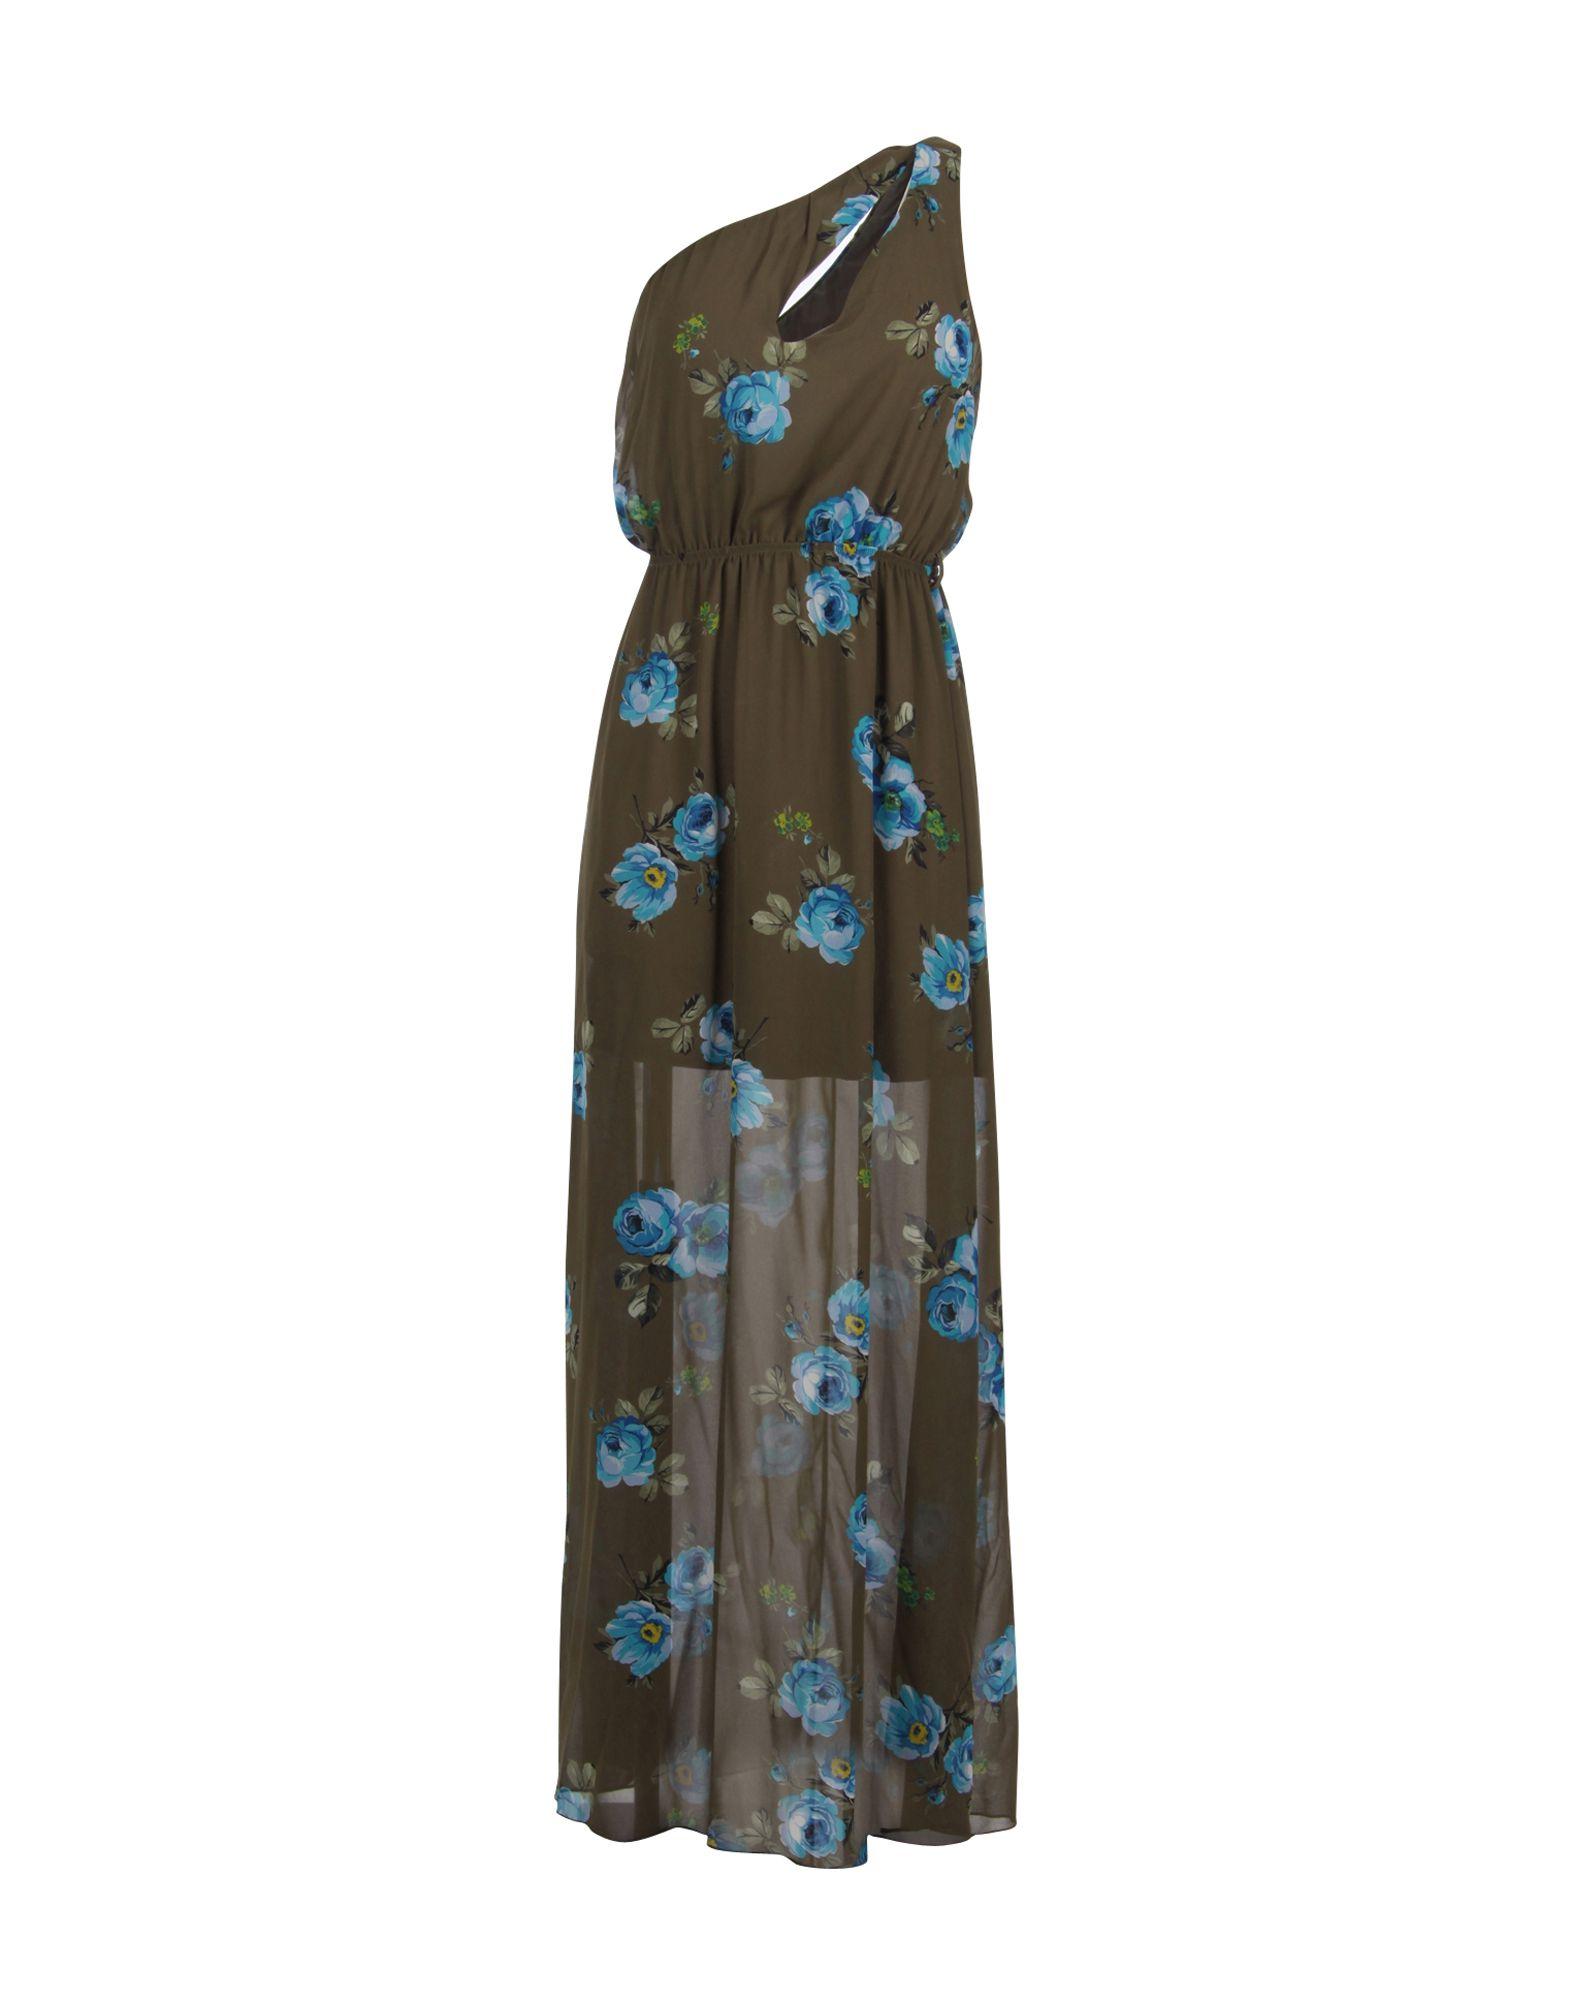 Фото - GIORGIA & JOHNS Платье длиной 3/4 jasper johns